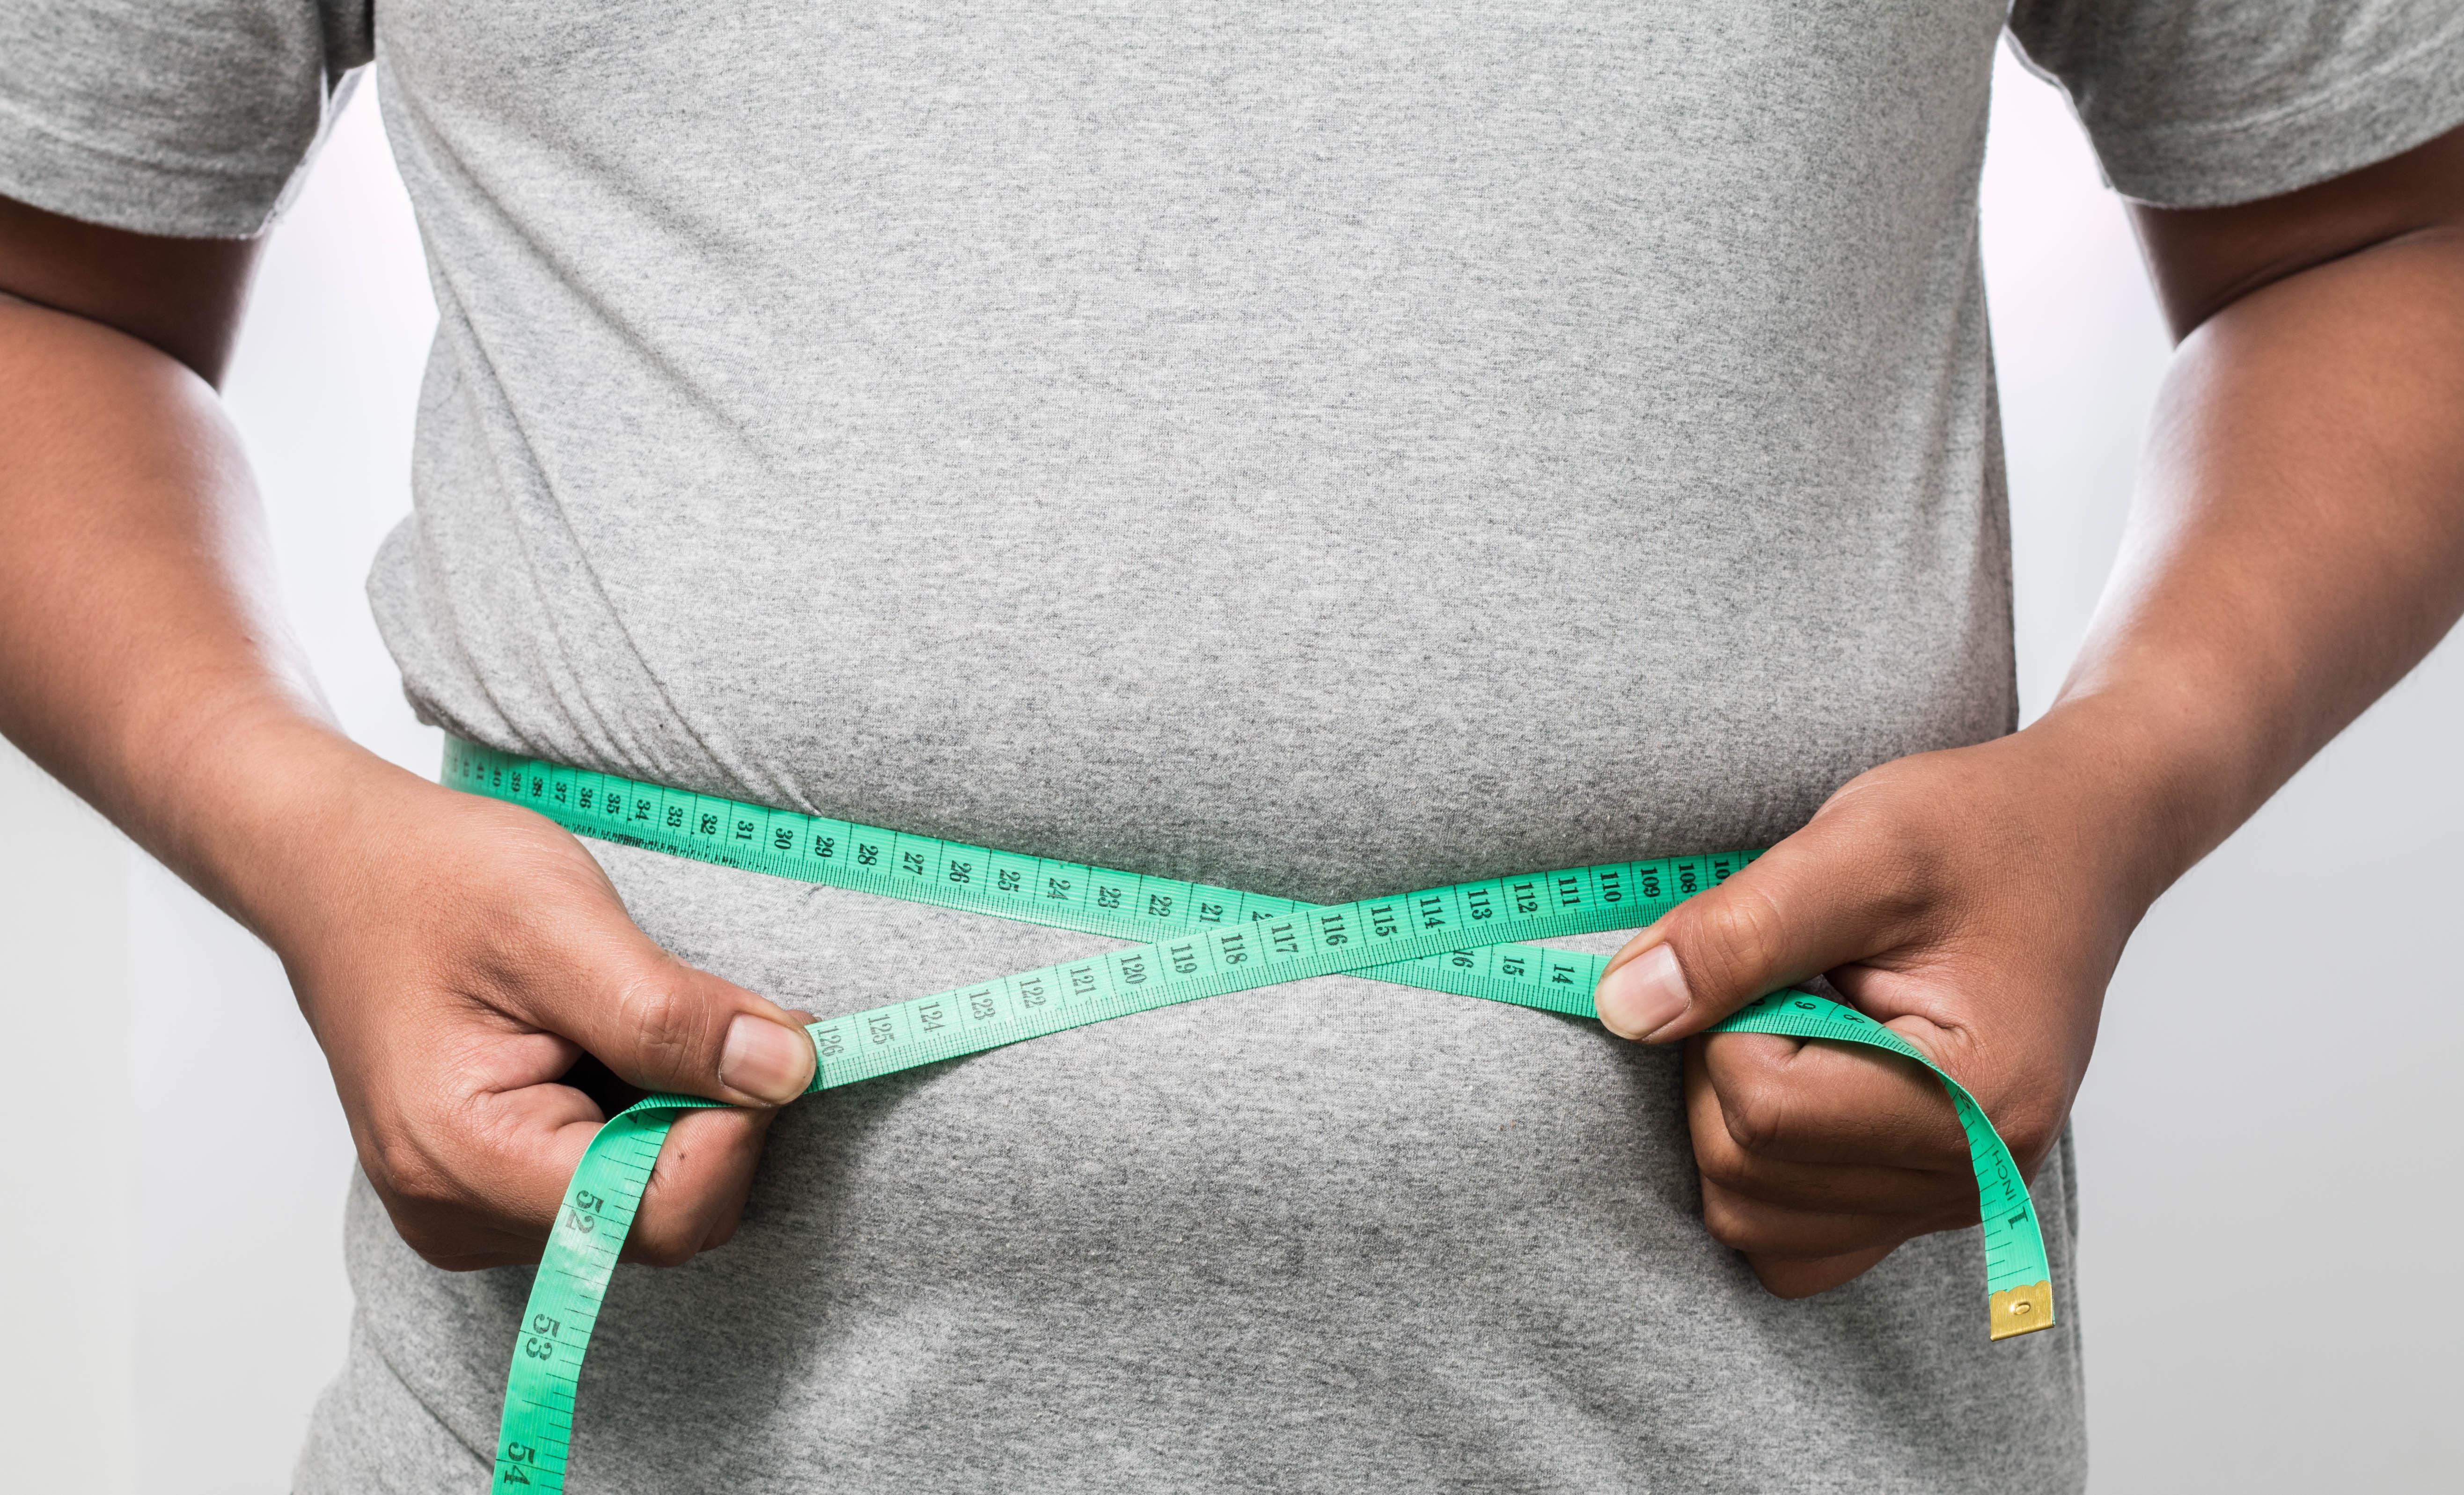 Refluxo gastroesofágico e obesidade: Qual a relação?